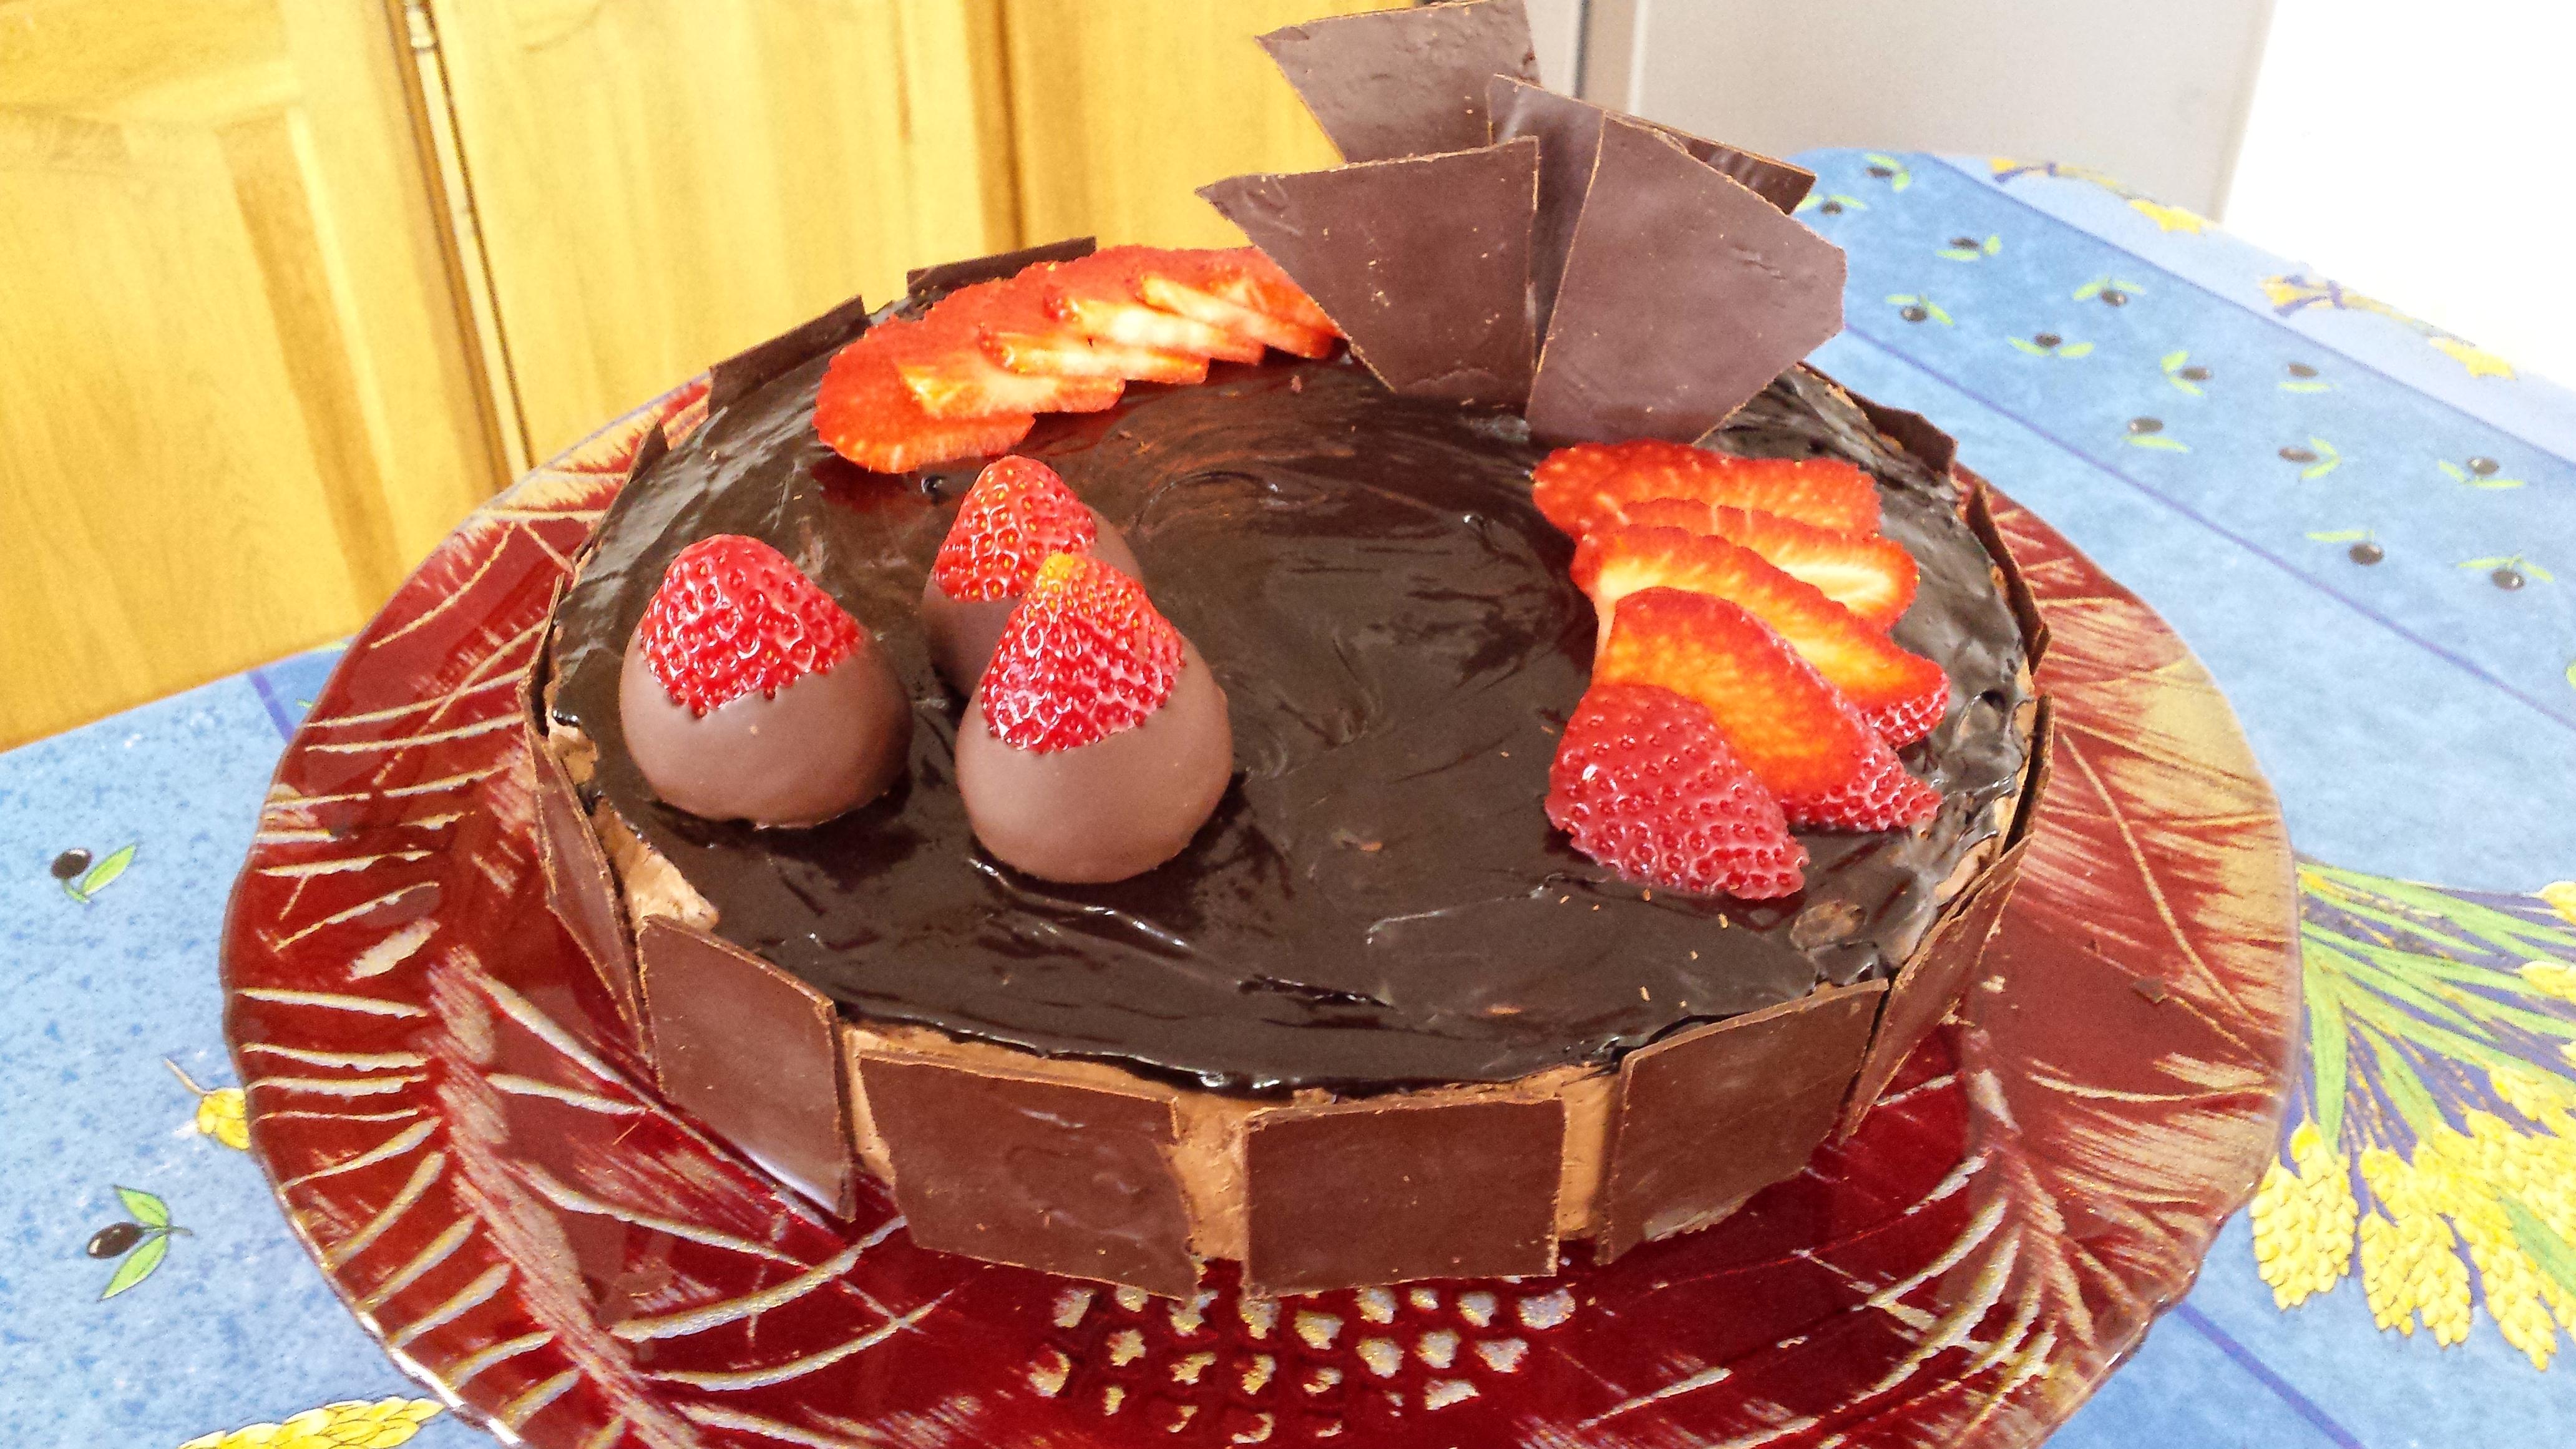 Recette vid o royal chocolat la cuisine de monica - Comment cuisiner un gateau au chocolat ...